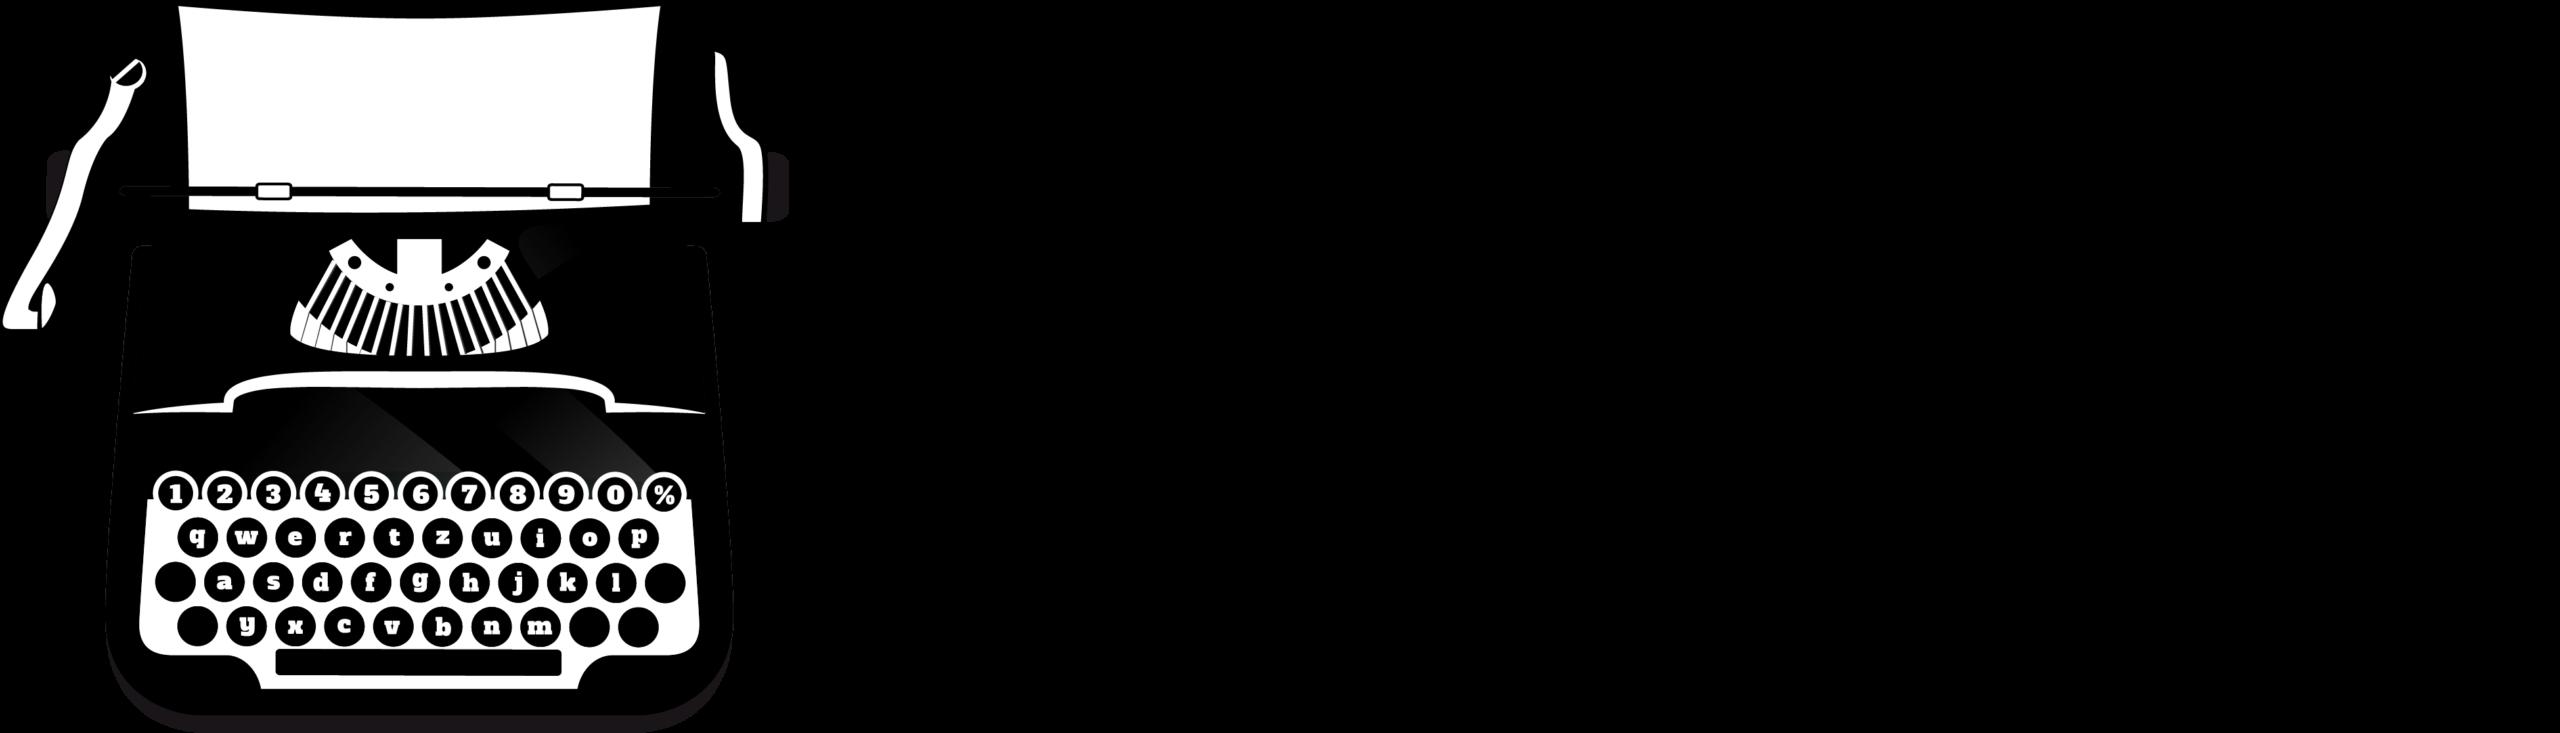 Logo Editorial Letra Minúscula lateral (SIN FONDO)